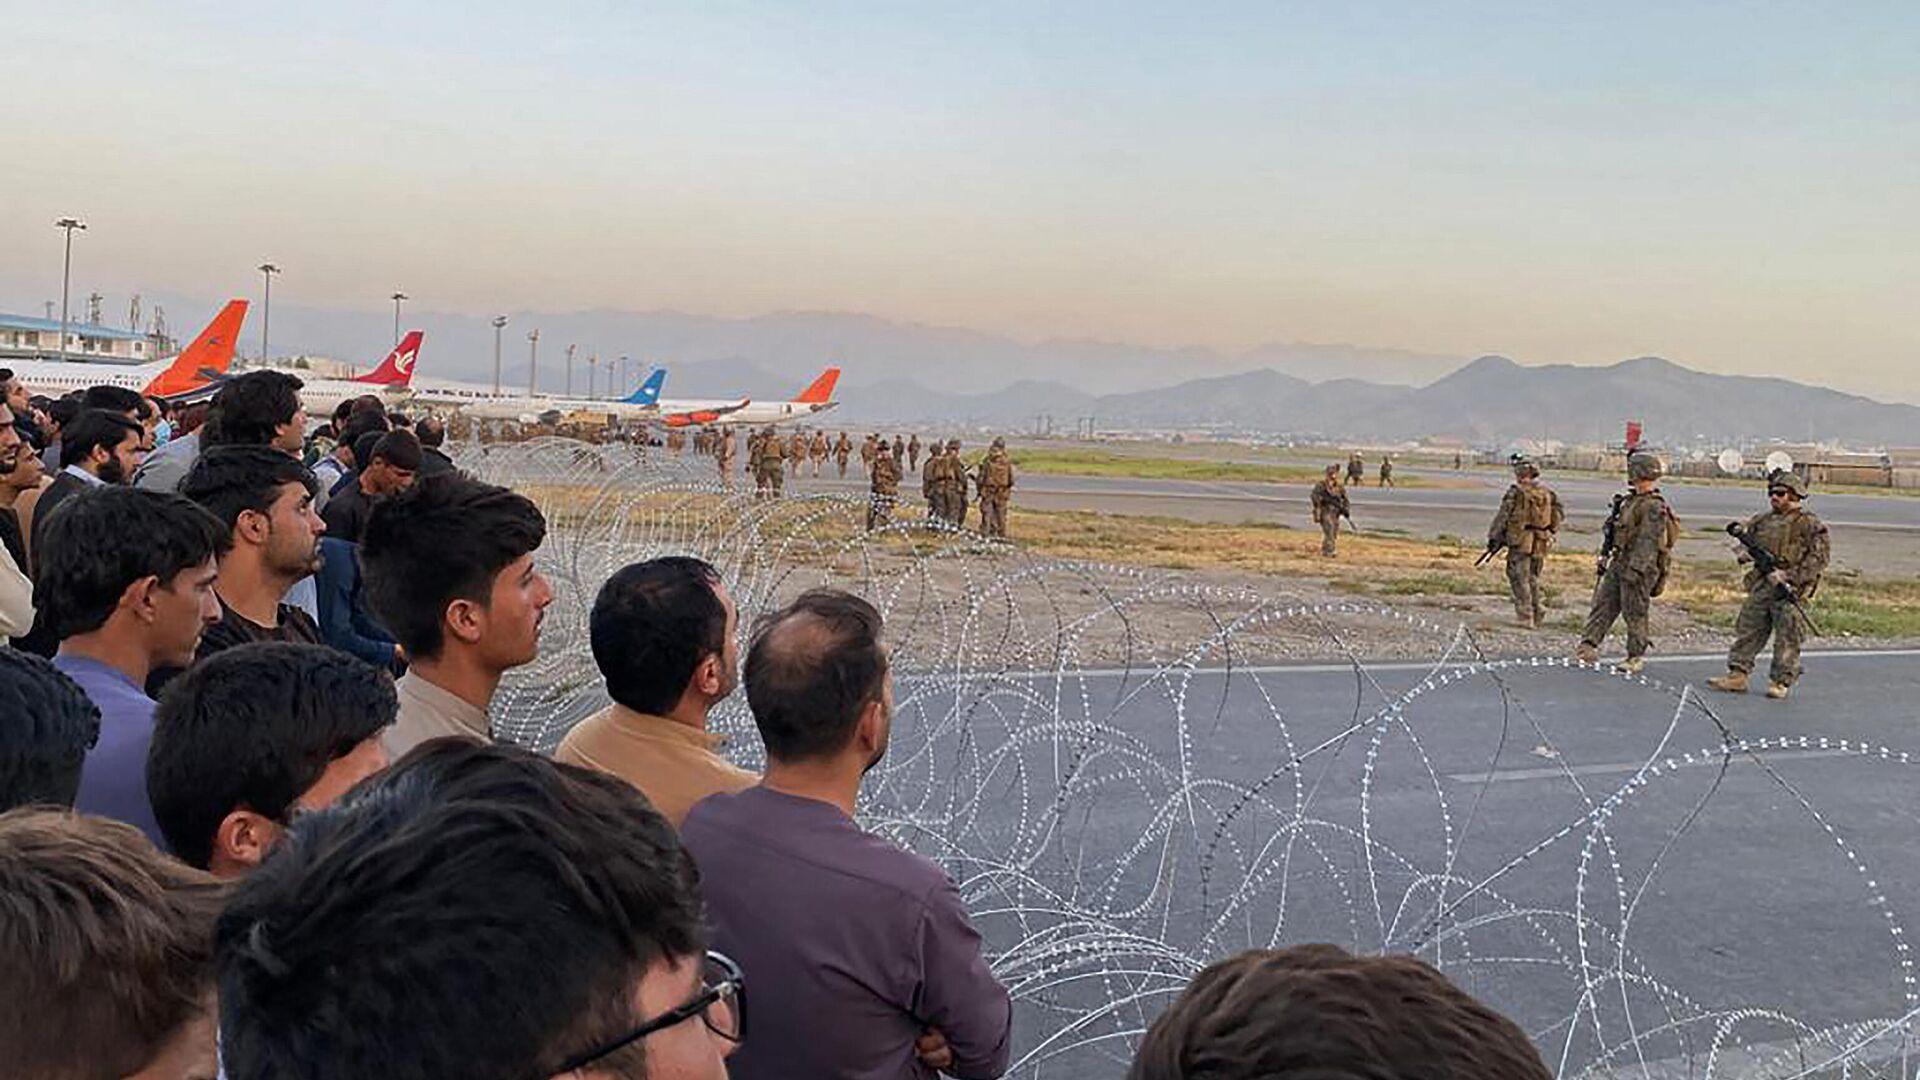 Avganistanci na aerodromu u Kabulu - Sputnik Srbija, 1920, 23.08.2021